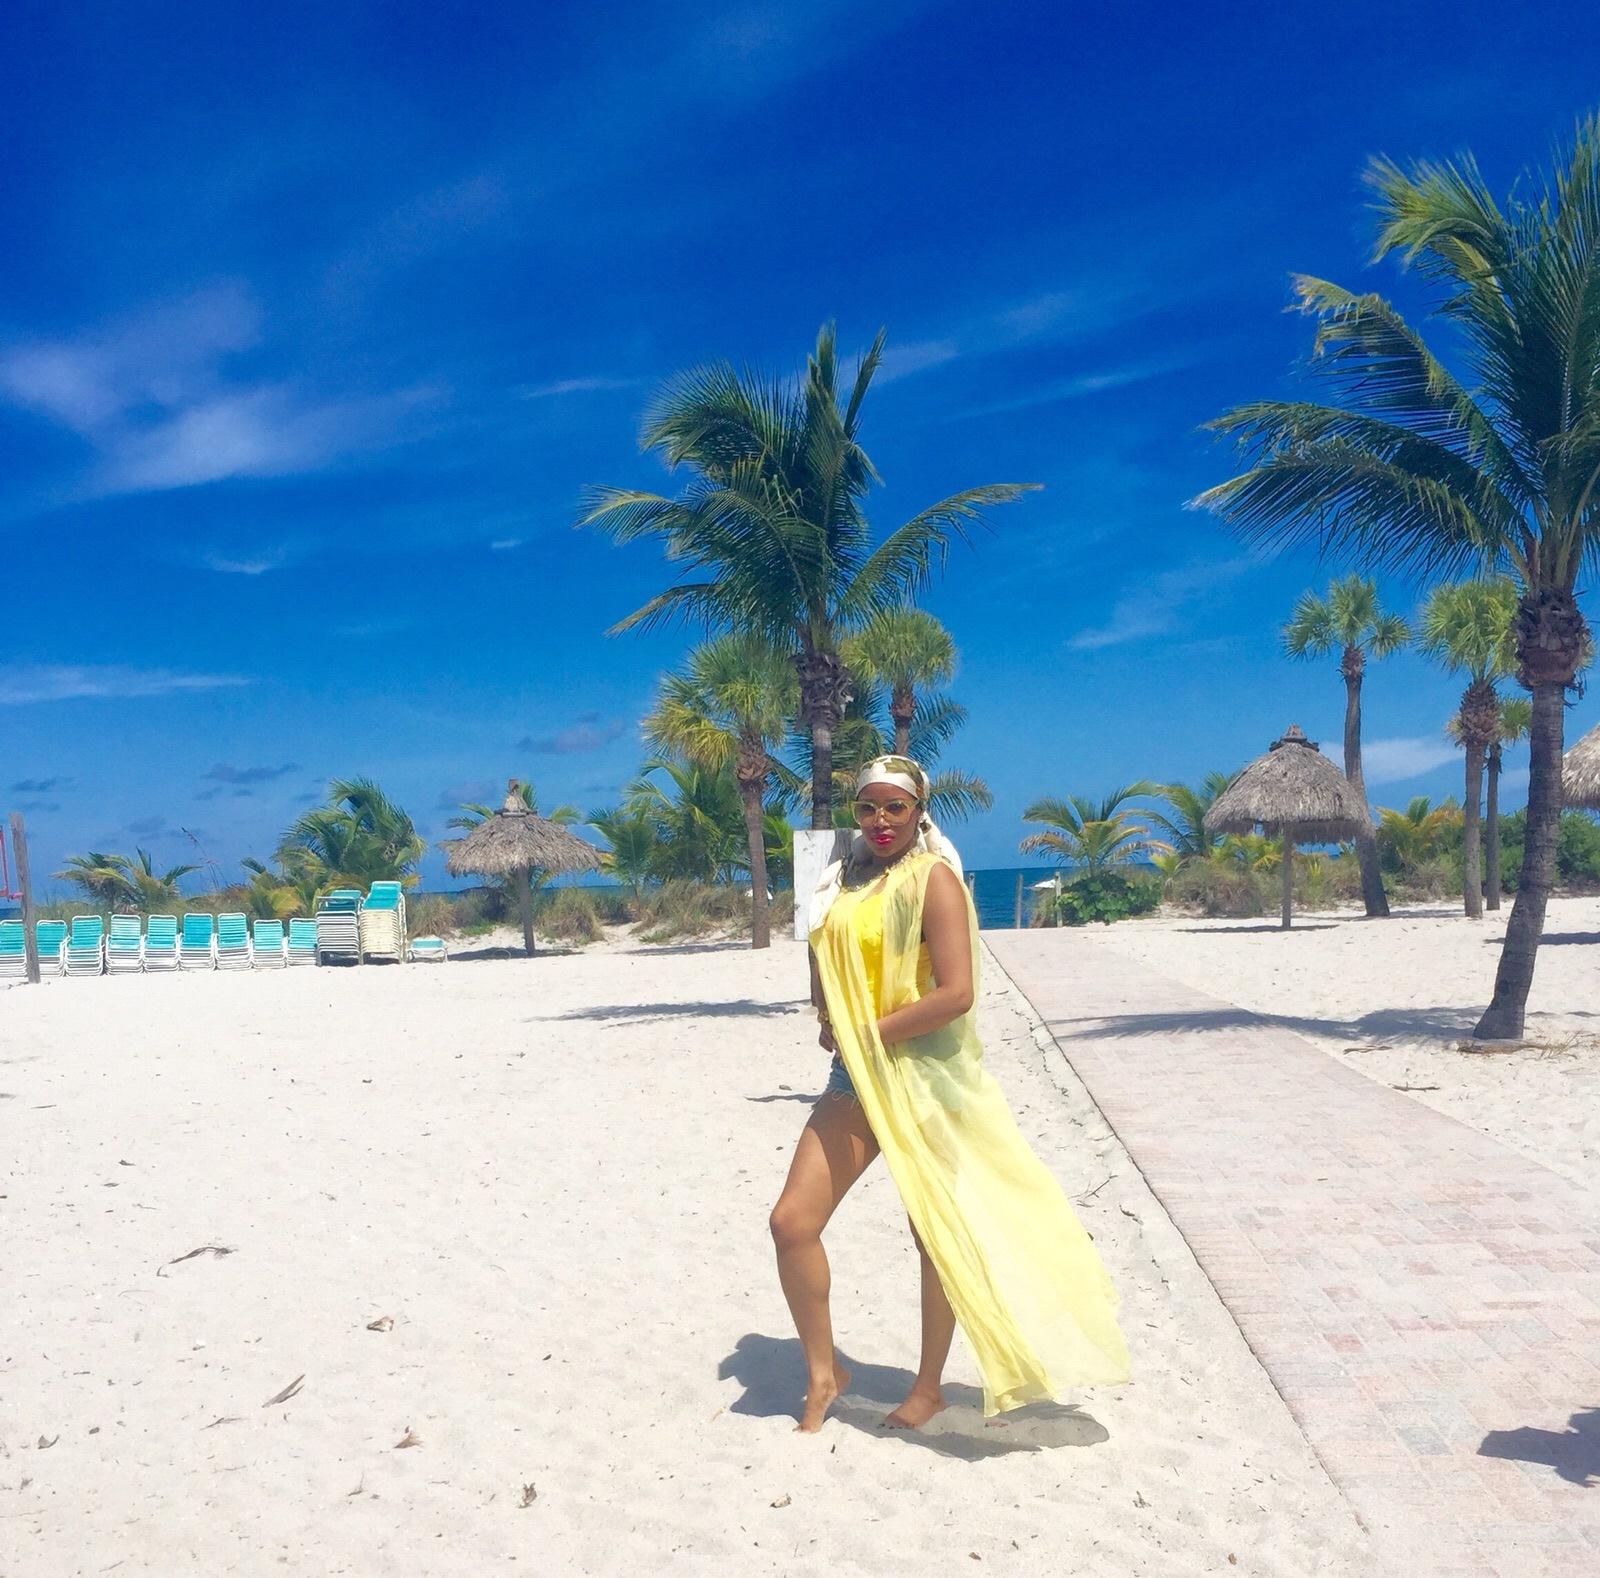 Island Paradise  by Abby Love